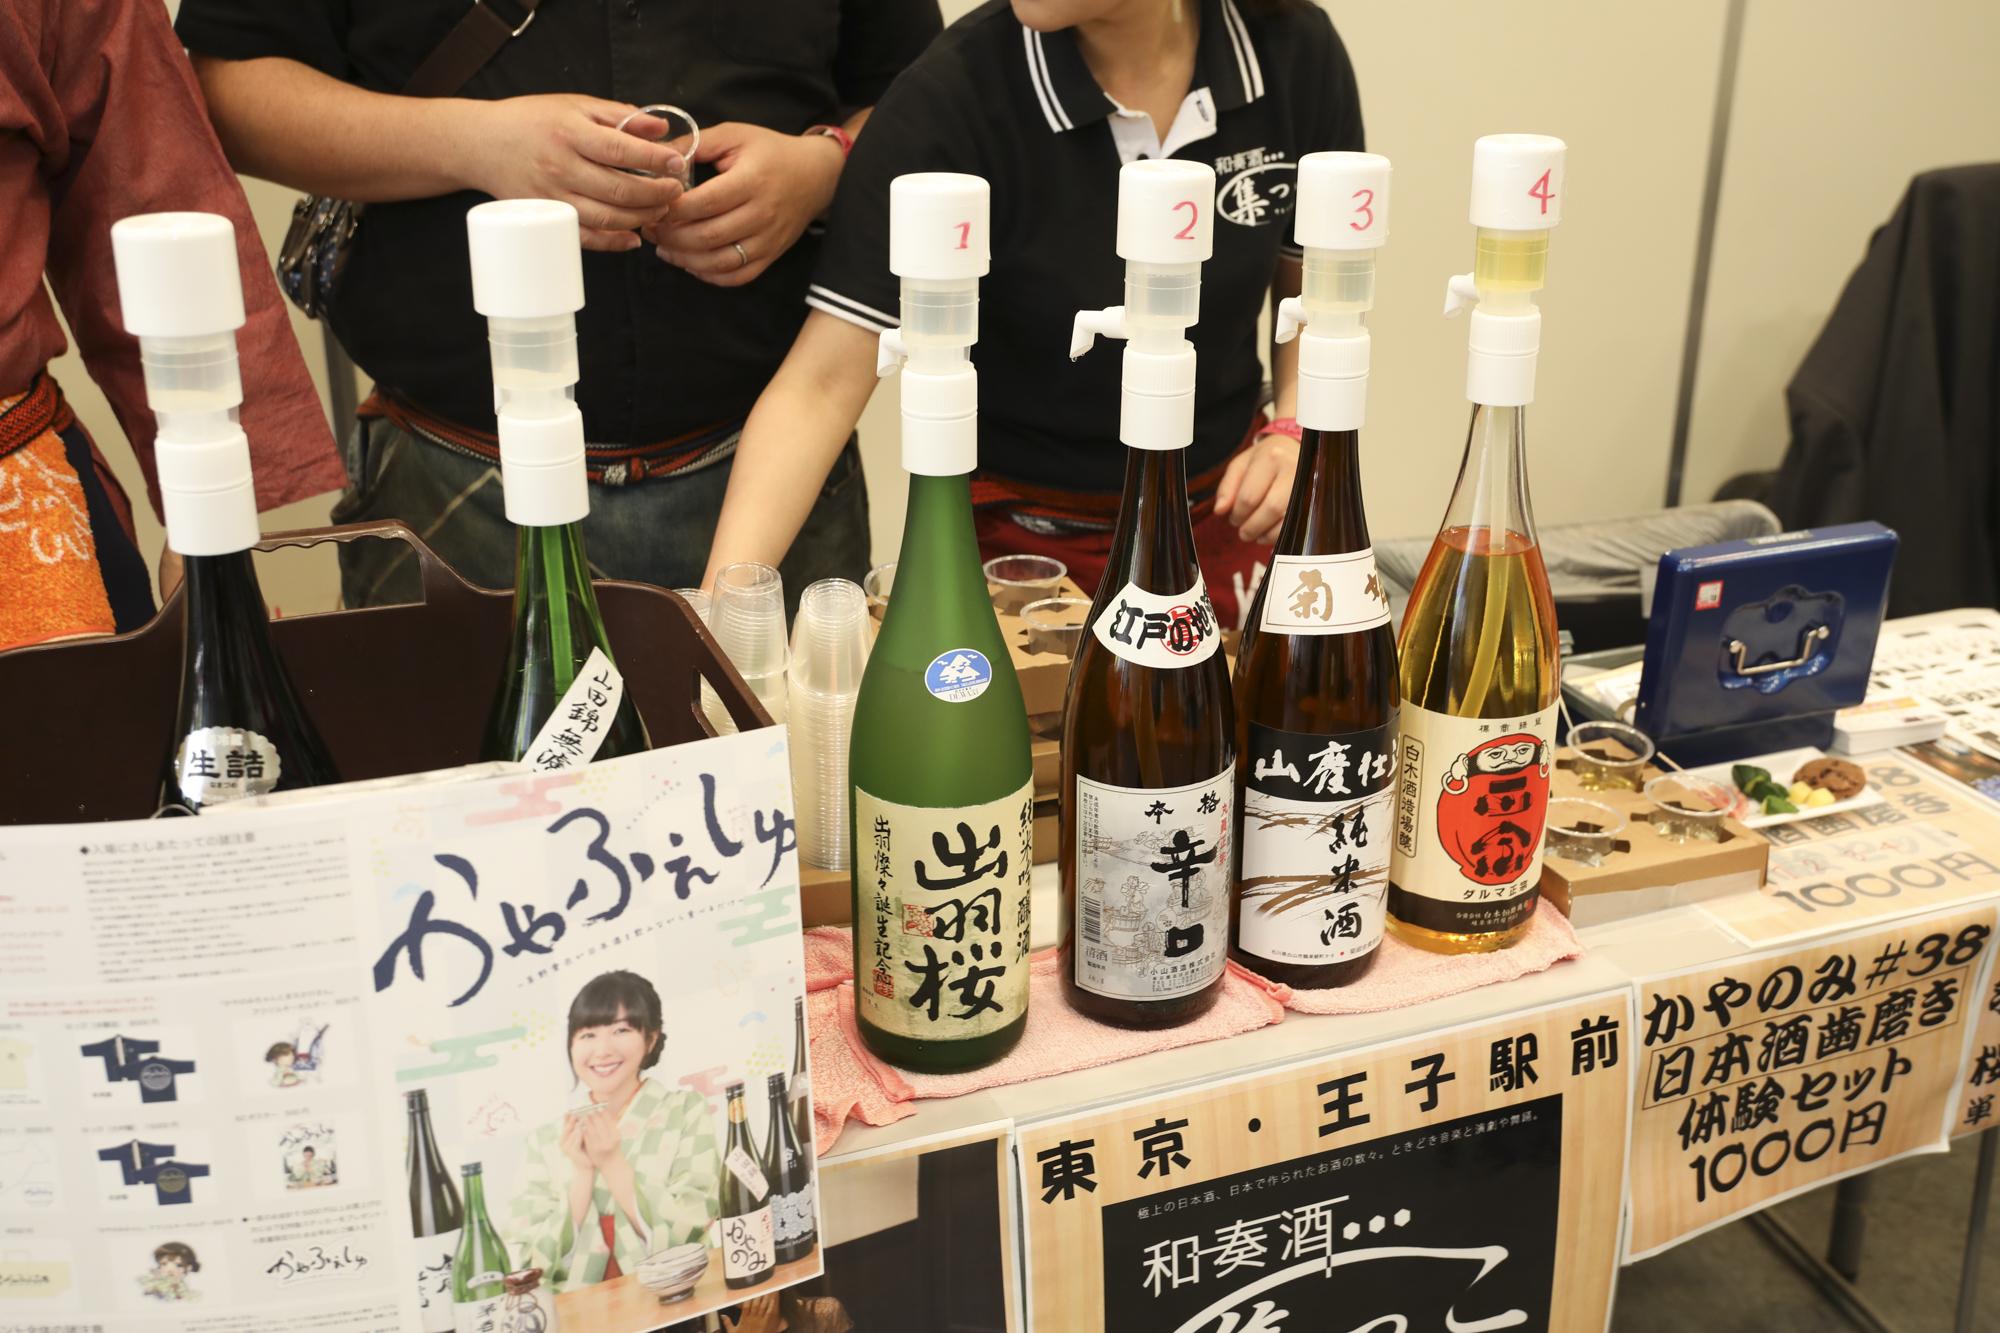 茅野愛衣の日本酒フェス『かやふぇしゅ』の第1回より